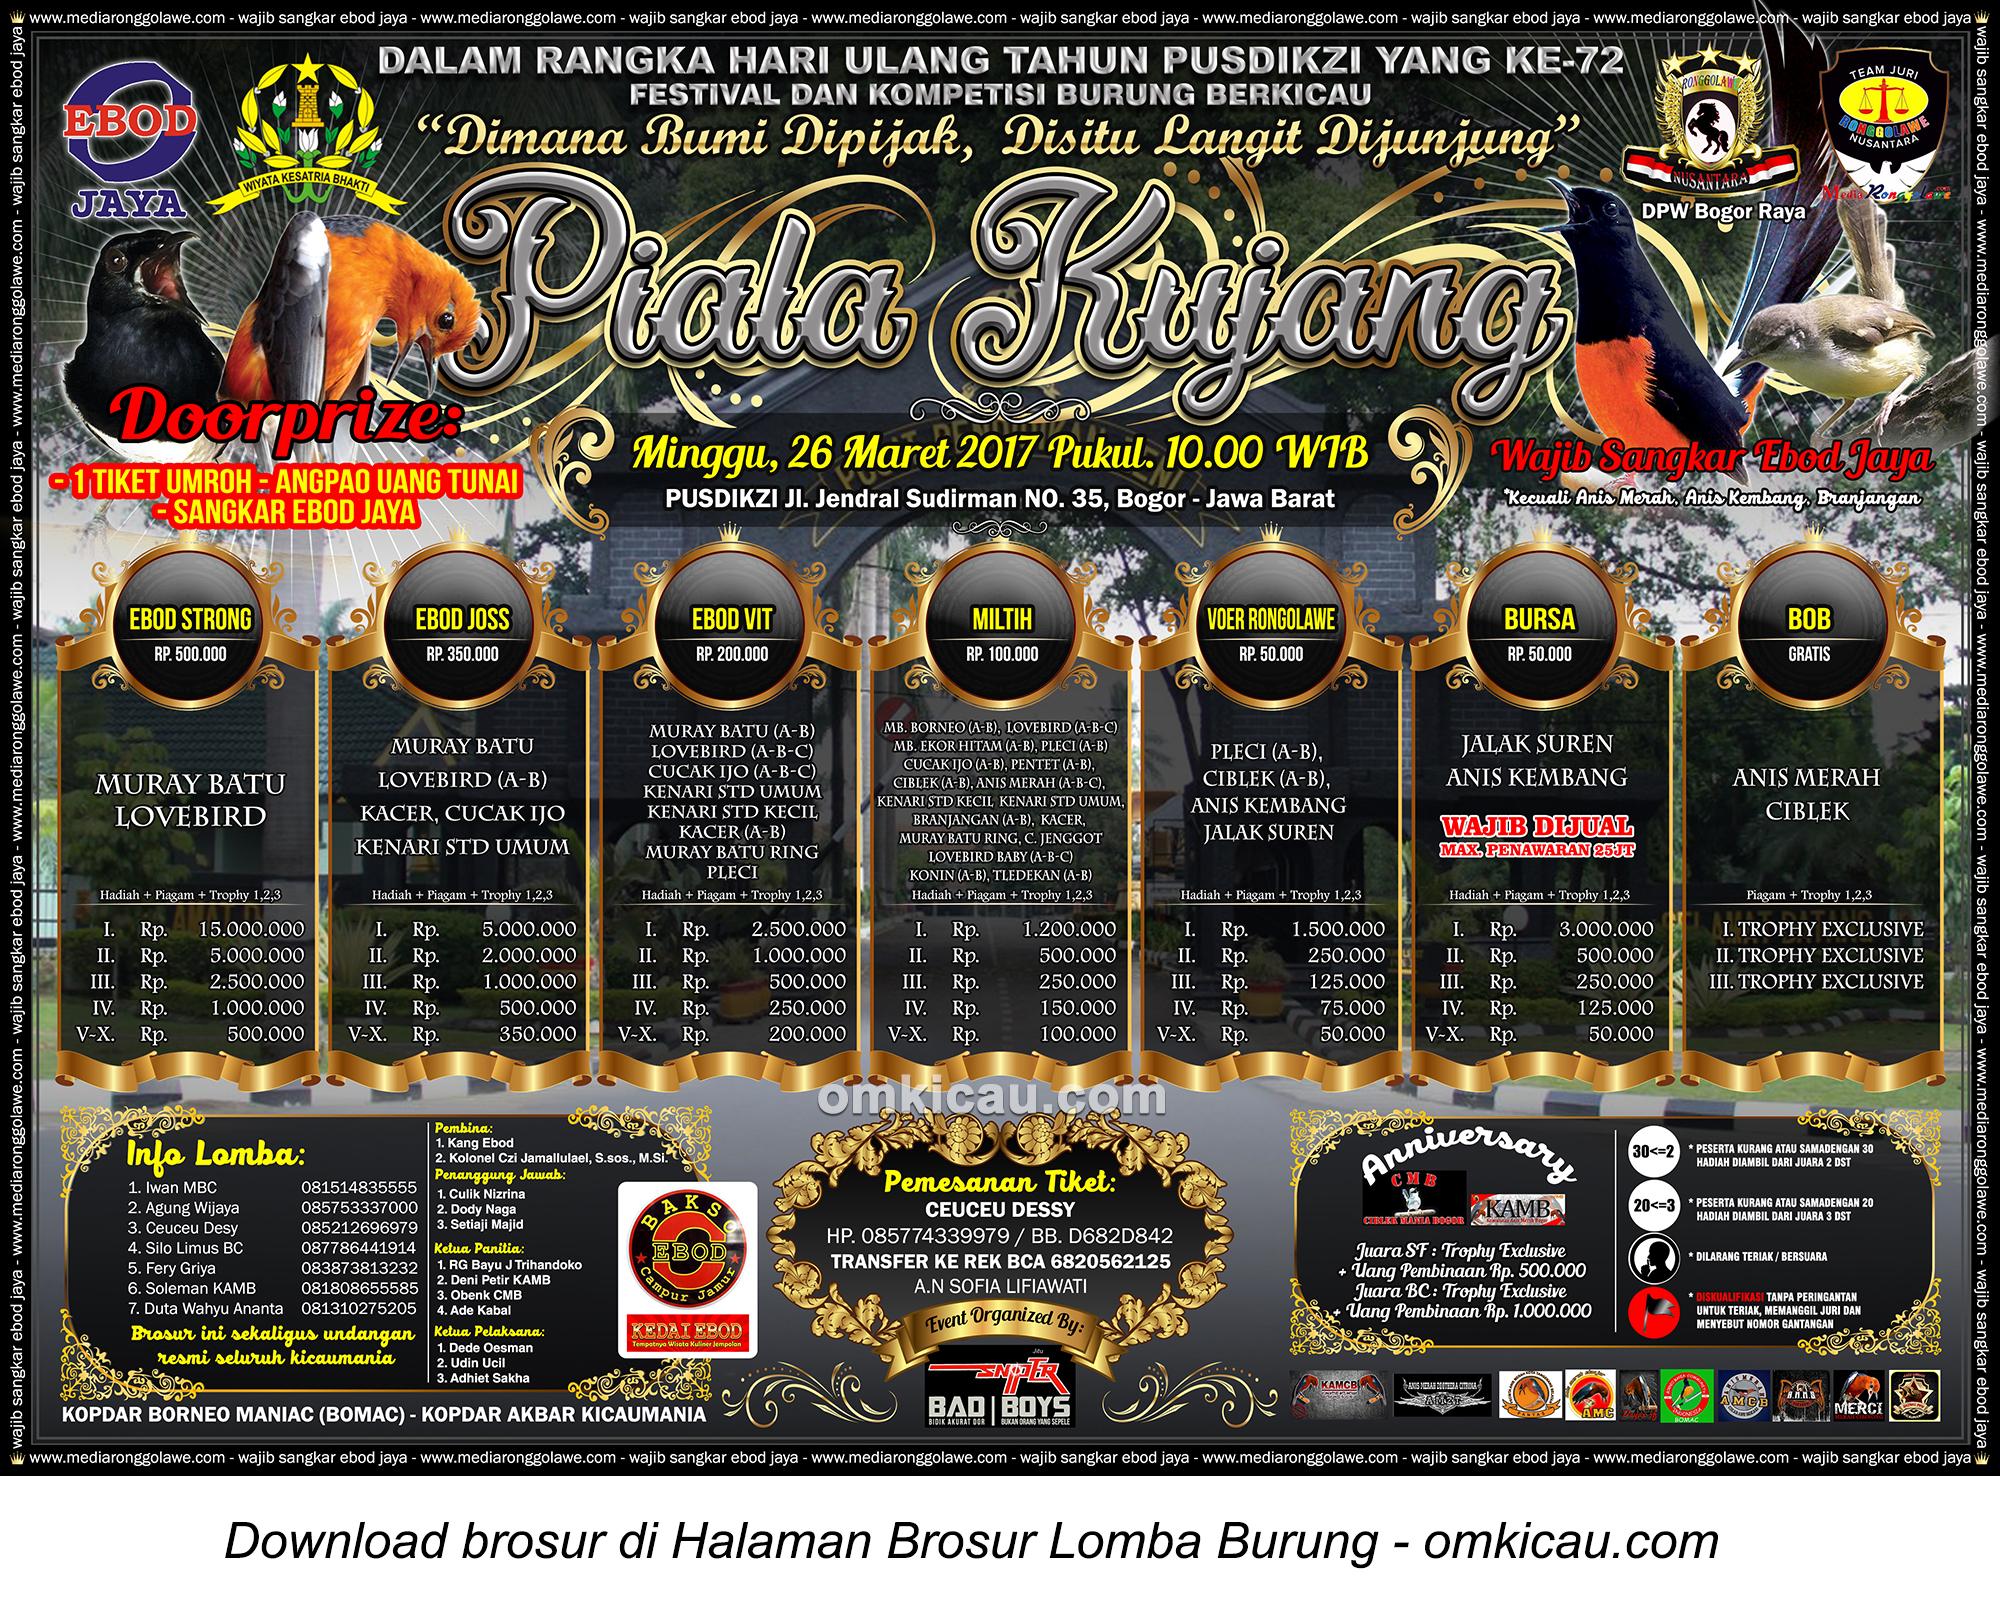 Brosur Terbaru Lomba Burung Berkicau Piala Kujang, Bogor, 26 Maret 2017